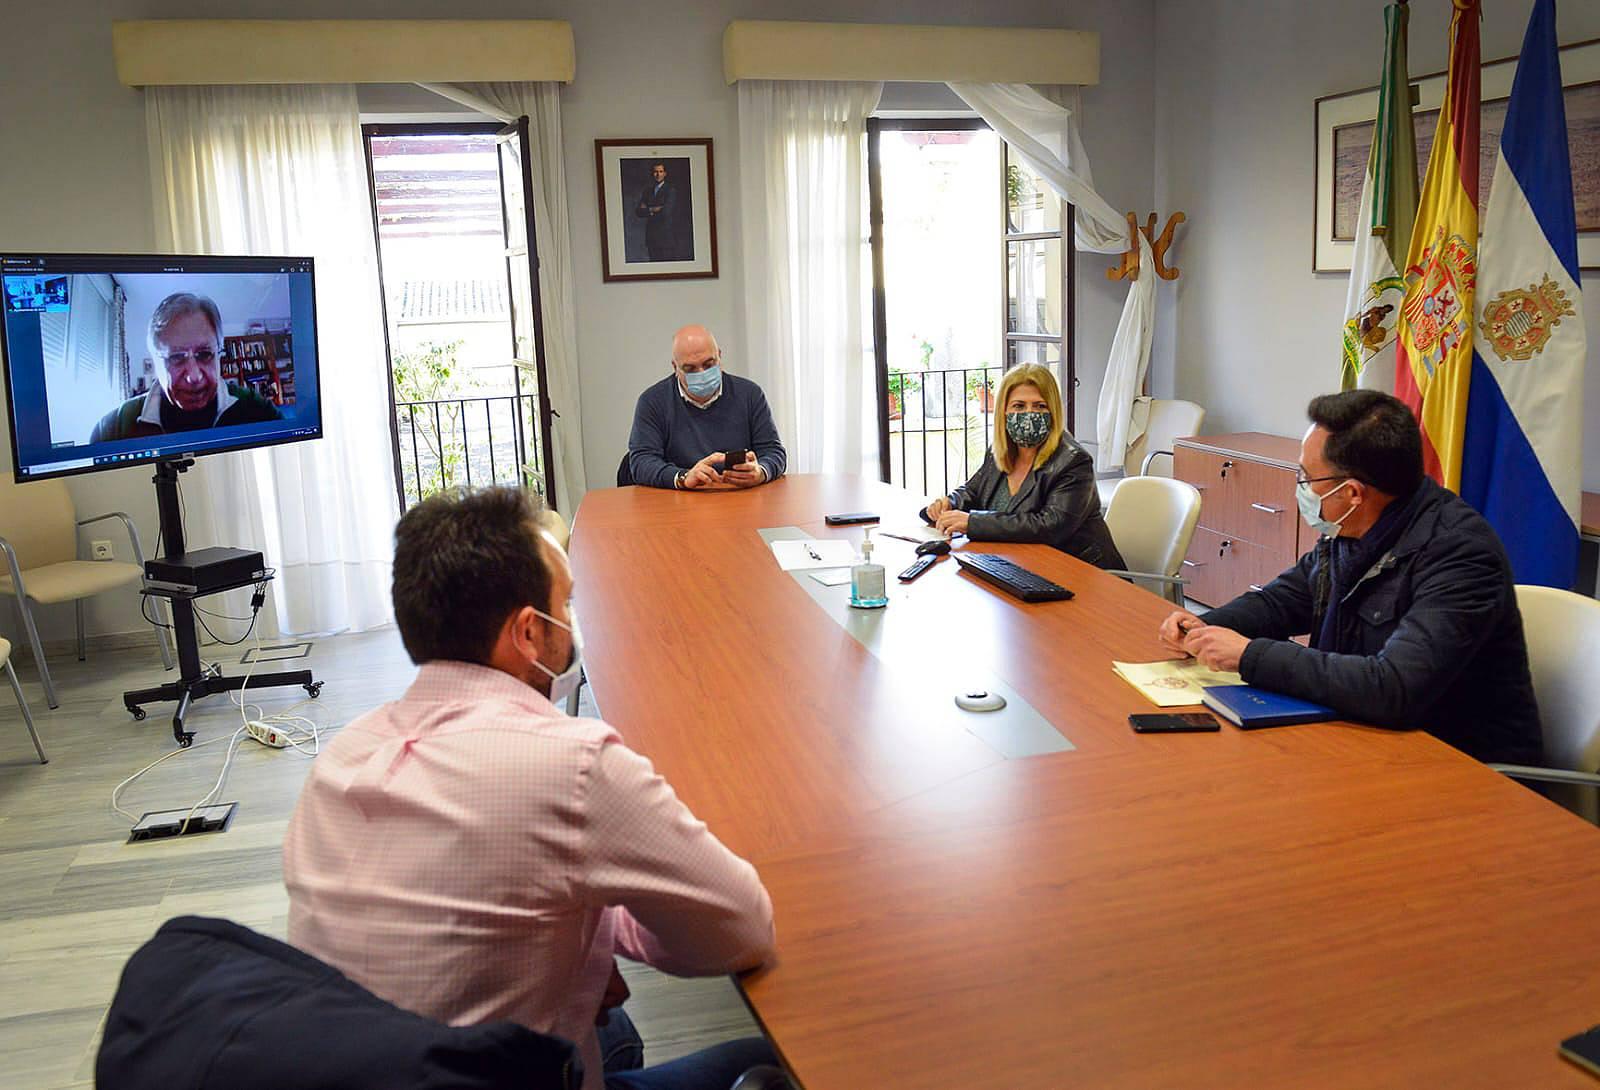 El Ayuntamiento y la Unión de Hermandades trabajan en un plan alternativo de cara a la próxima Semana Santa